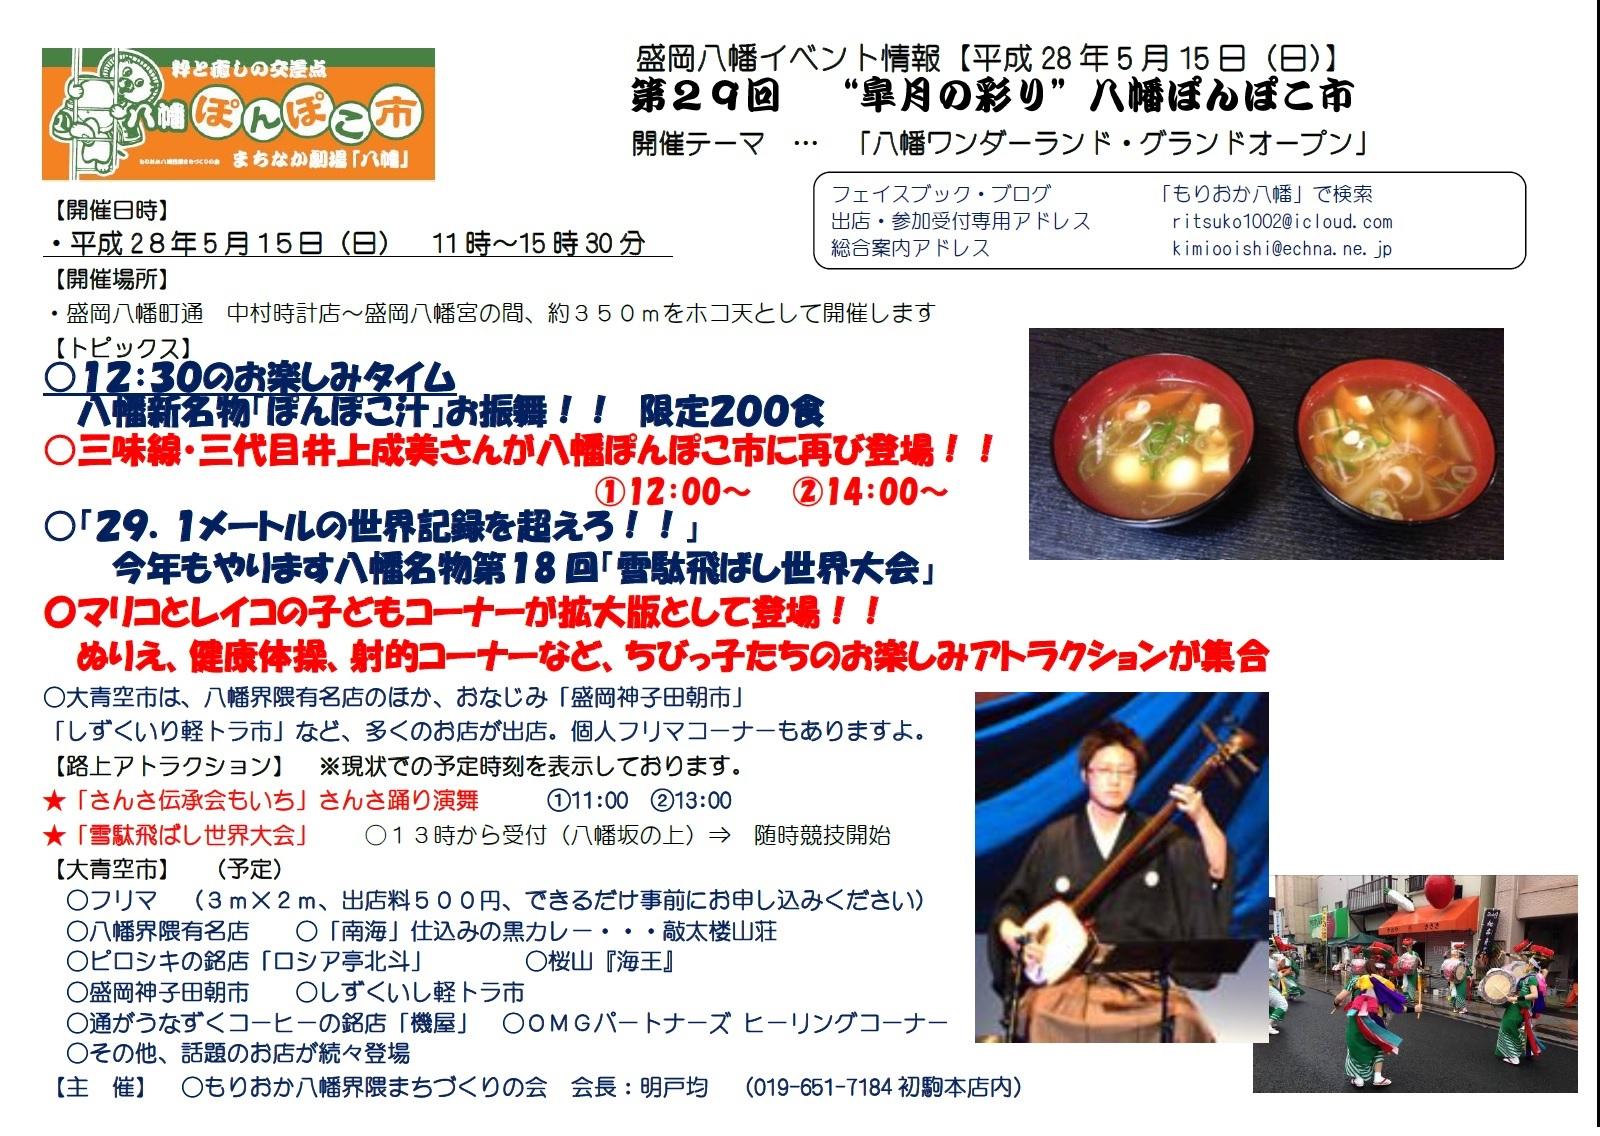 280515八幡ぽんぽこ市詳細情報